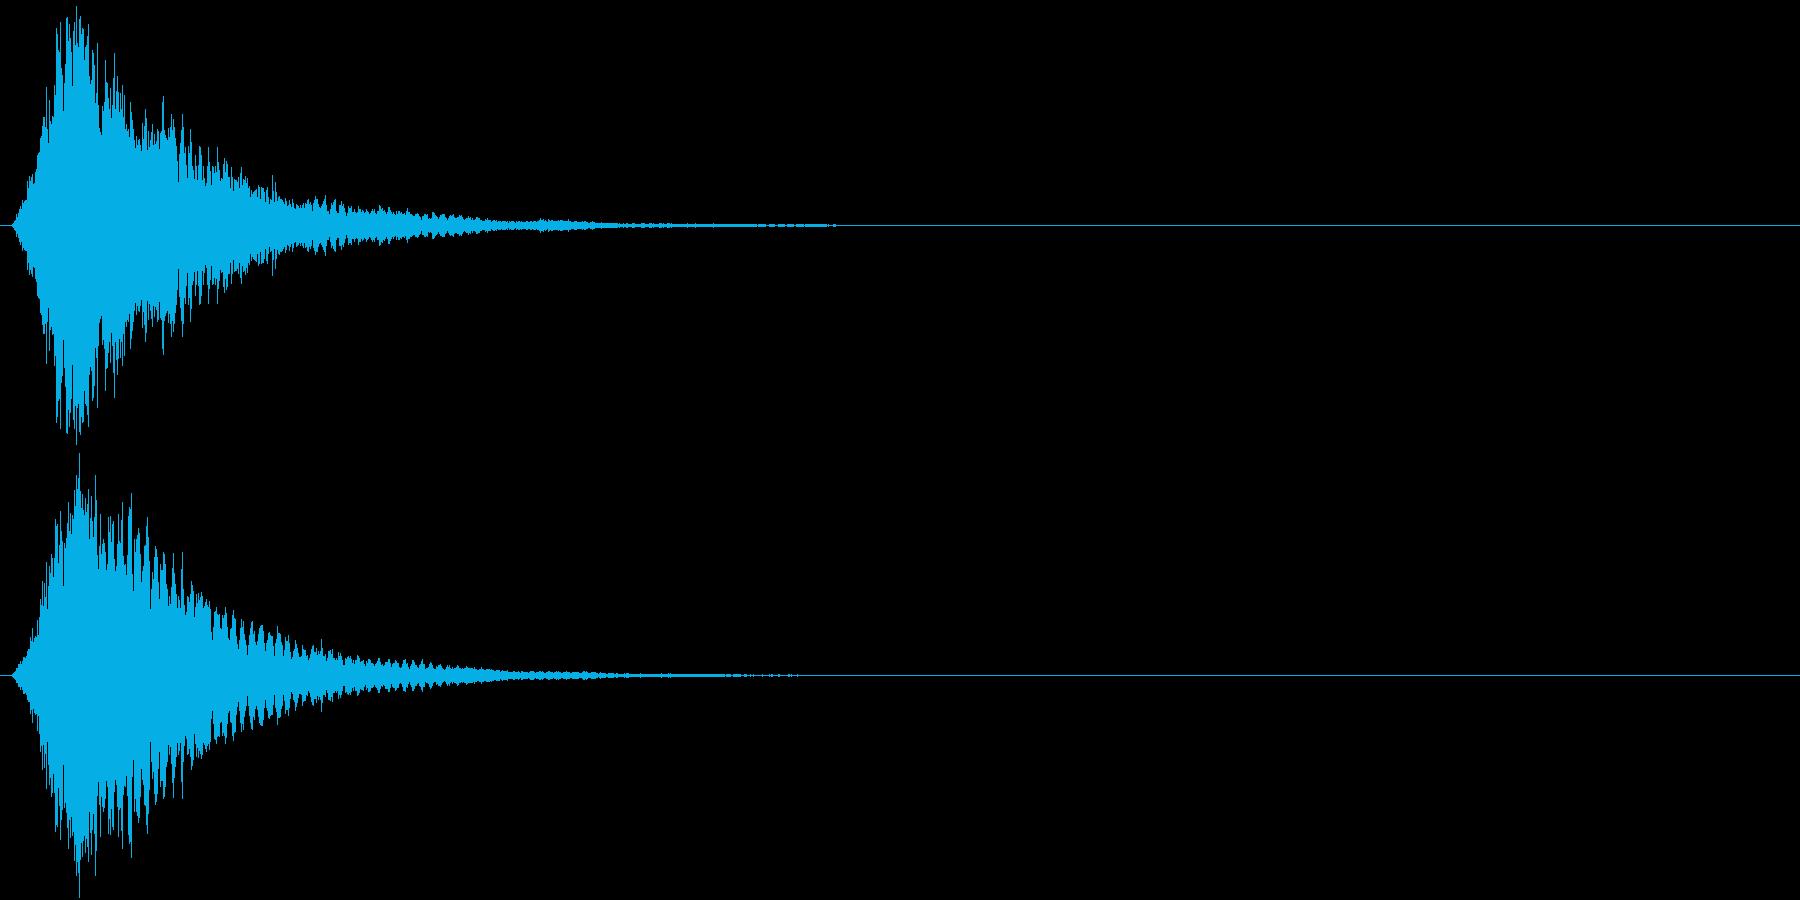 刀 キーン 剣 リアル インパクト Jの再生済みの波形